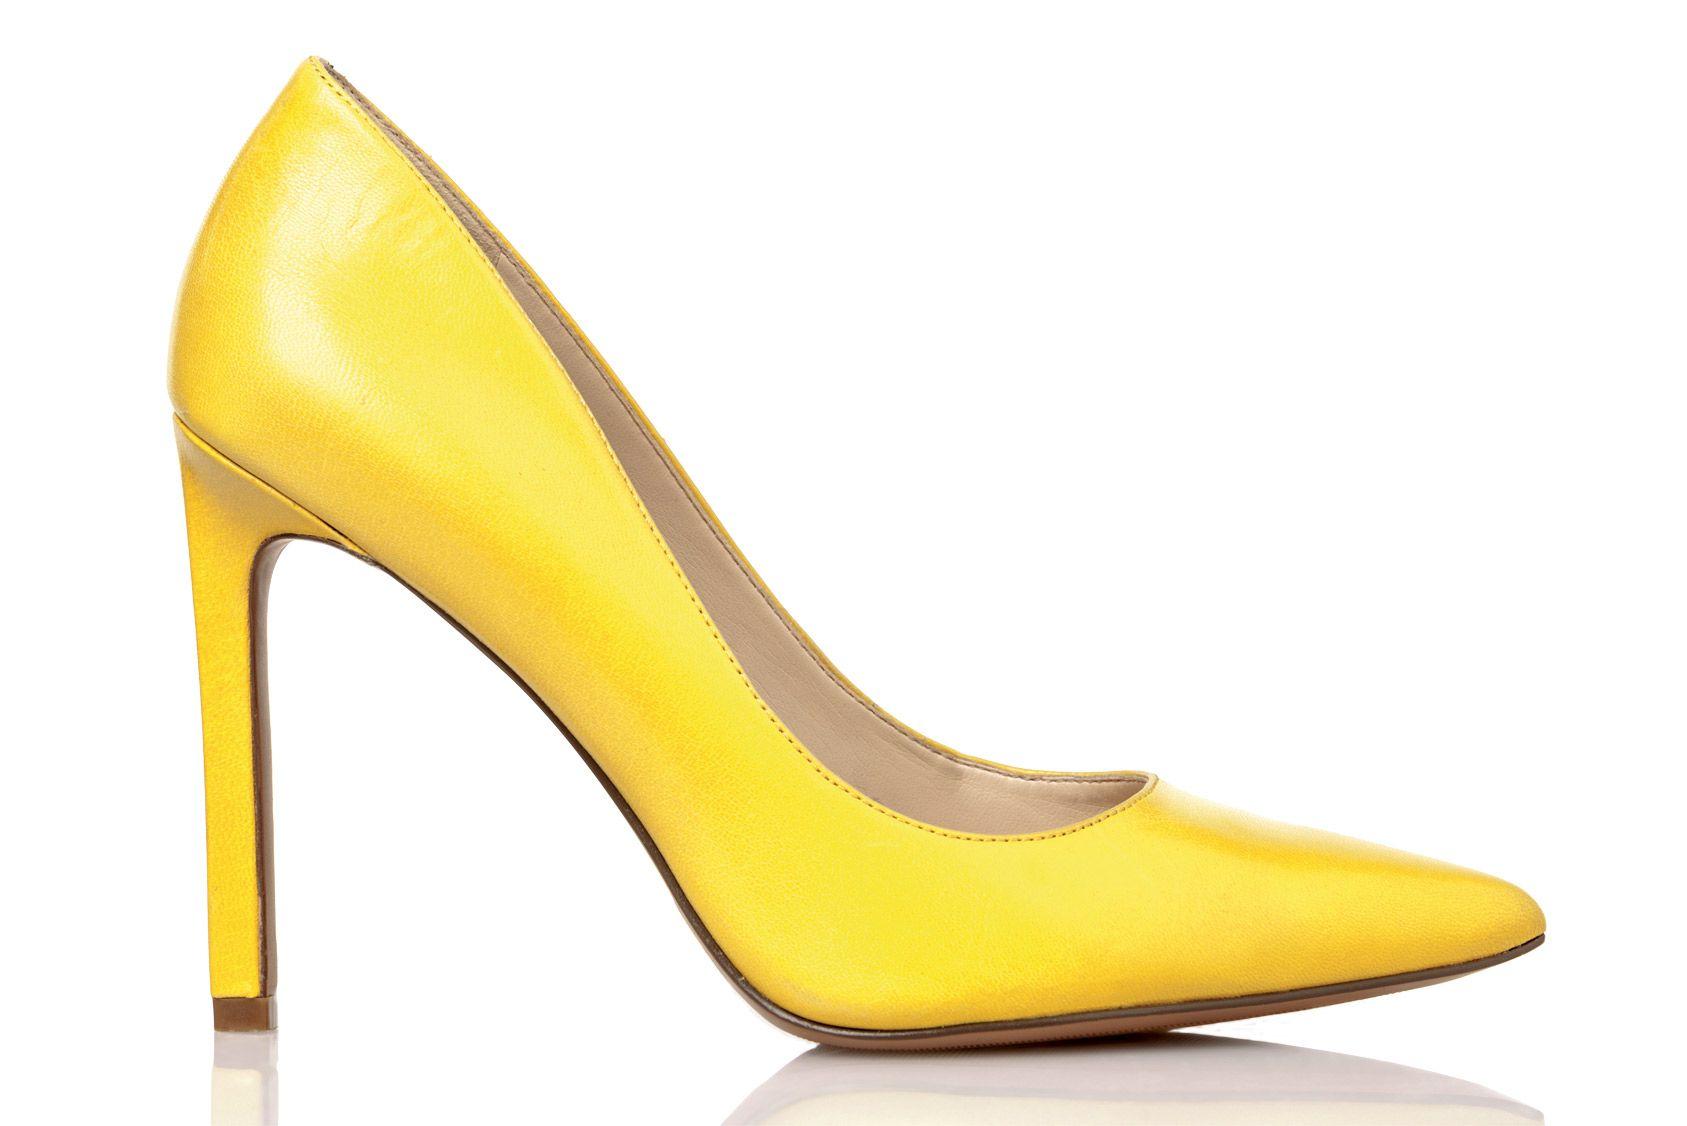 C'est quoi une bonne chaussure?